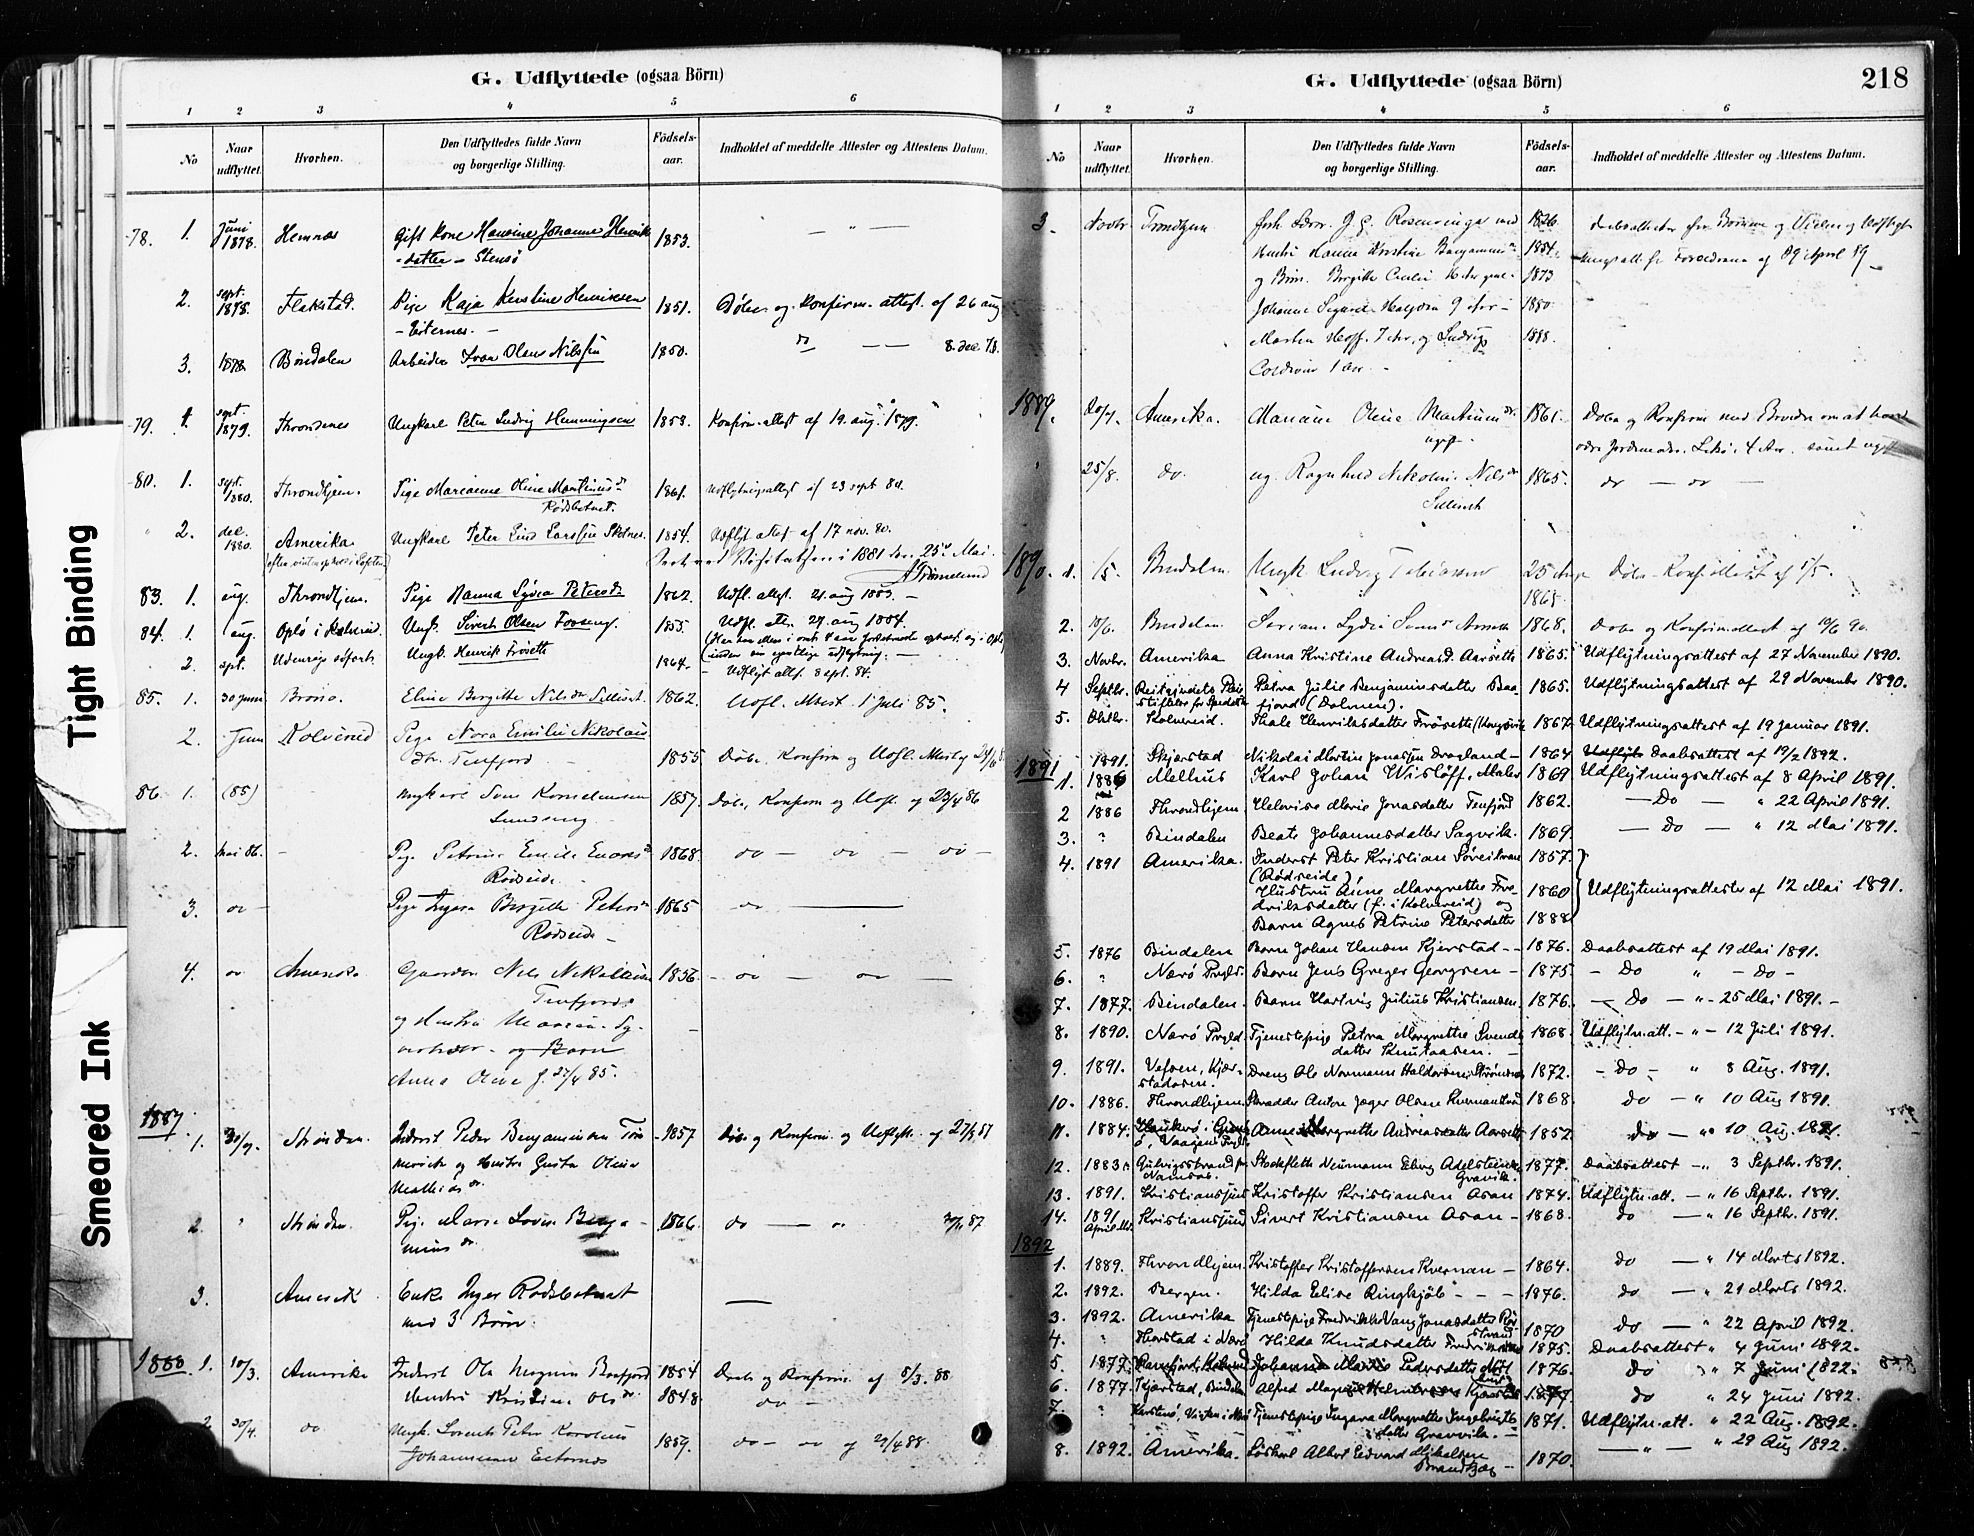 SAT, Ministerialprotokoller, klokkerbøker og fødselsregistre - Nord-Trøndelag, 789/L0705: Ministerialbok nr. 789A01, 1878-1910, s. 218